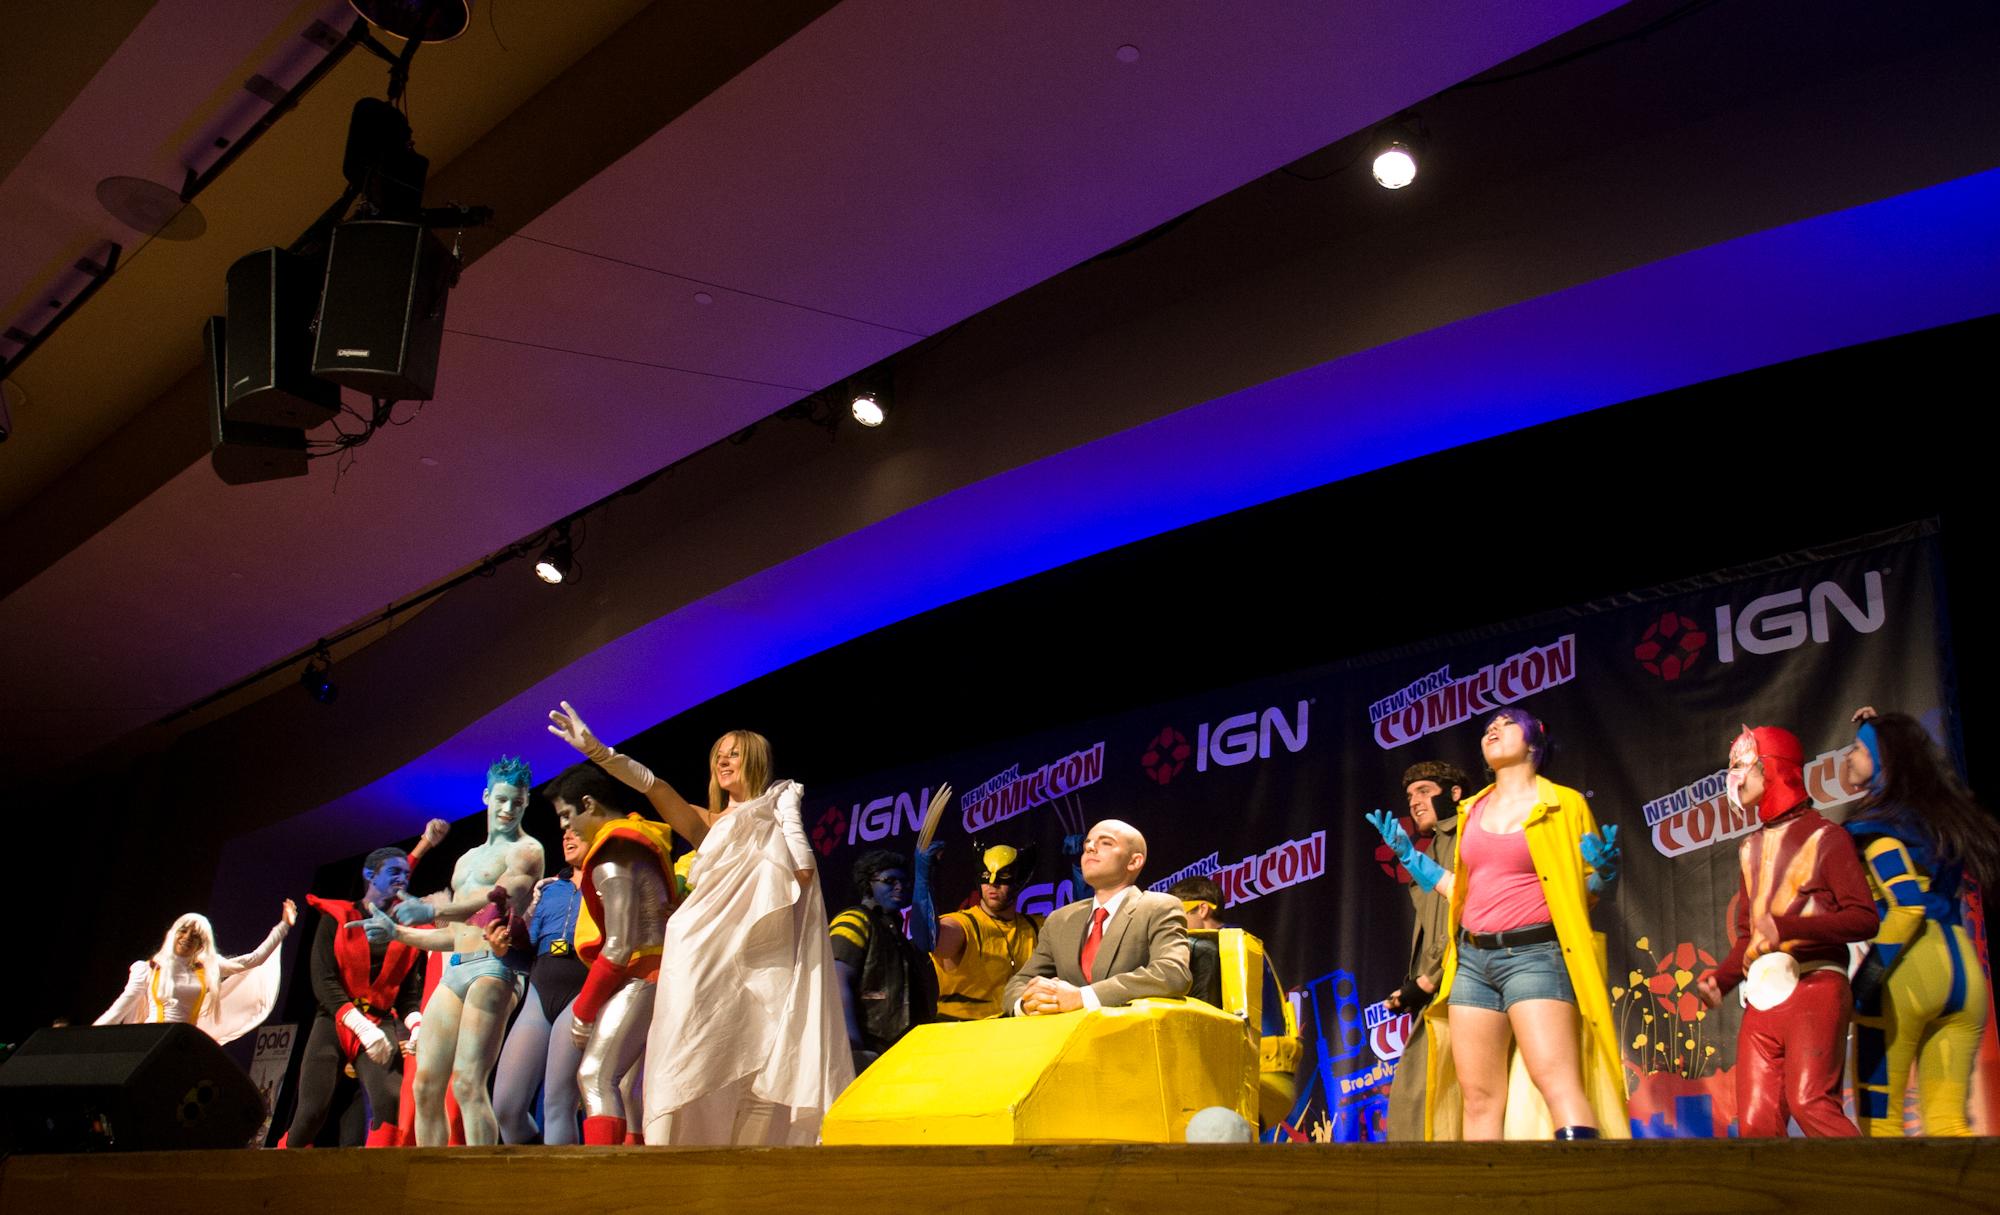 New York Comic Con 2010